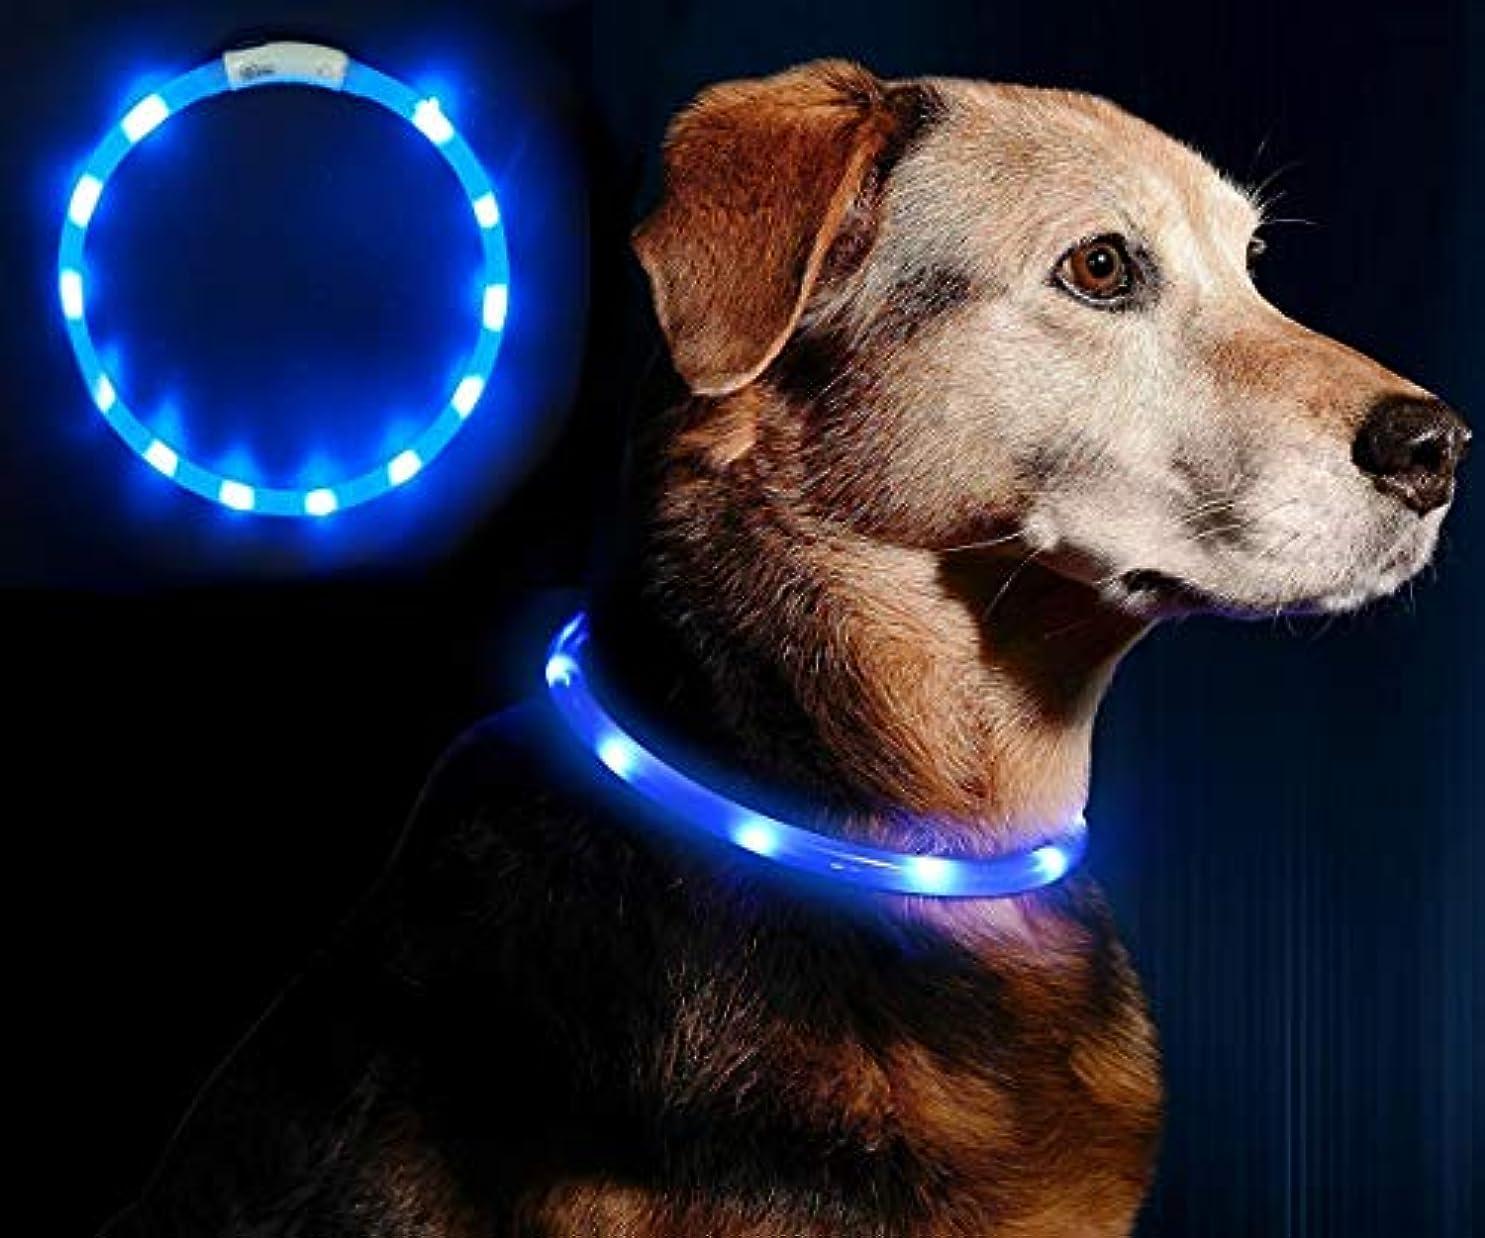 無効ディンカルビル周囲LED光る首輪, Darhoo 首輪 犬 猫 光る LED おしゃれ ハーネス ライト ペット 夜間 安全性 夜道 散歩 リード USB充電 防水 小型犬 中型犬 大型犬に対応 - ブルー